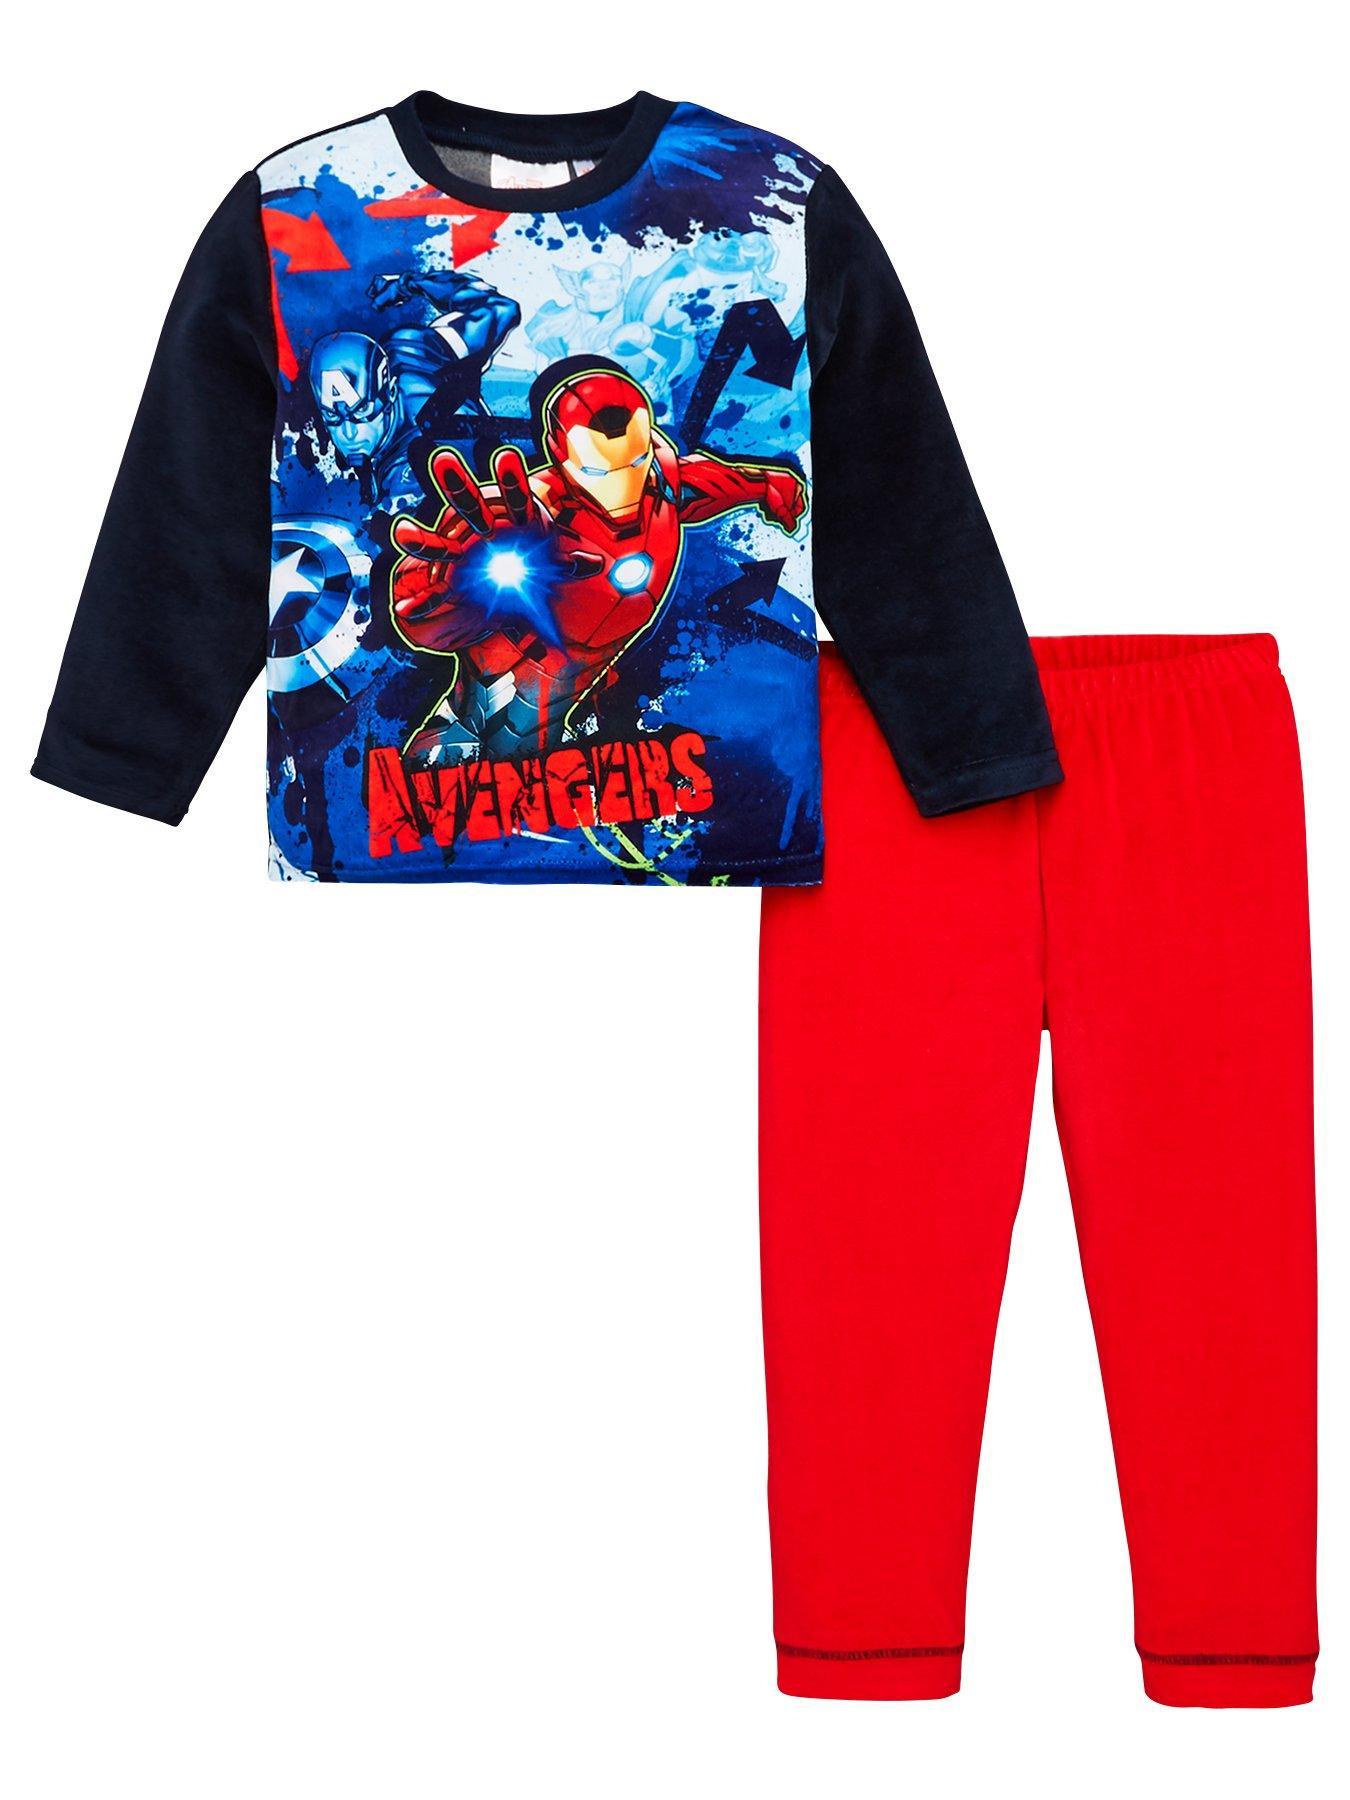 Novel Teez Designs Girls Unicorns Forever Short Sleeve T-Shirt with Glitter